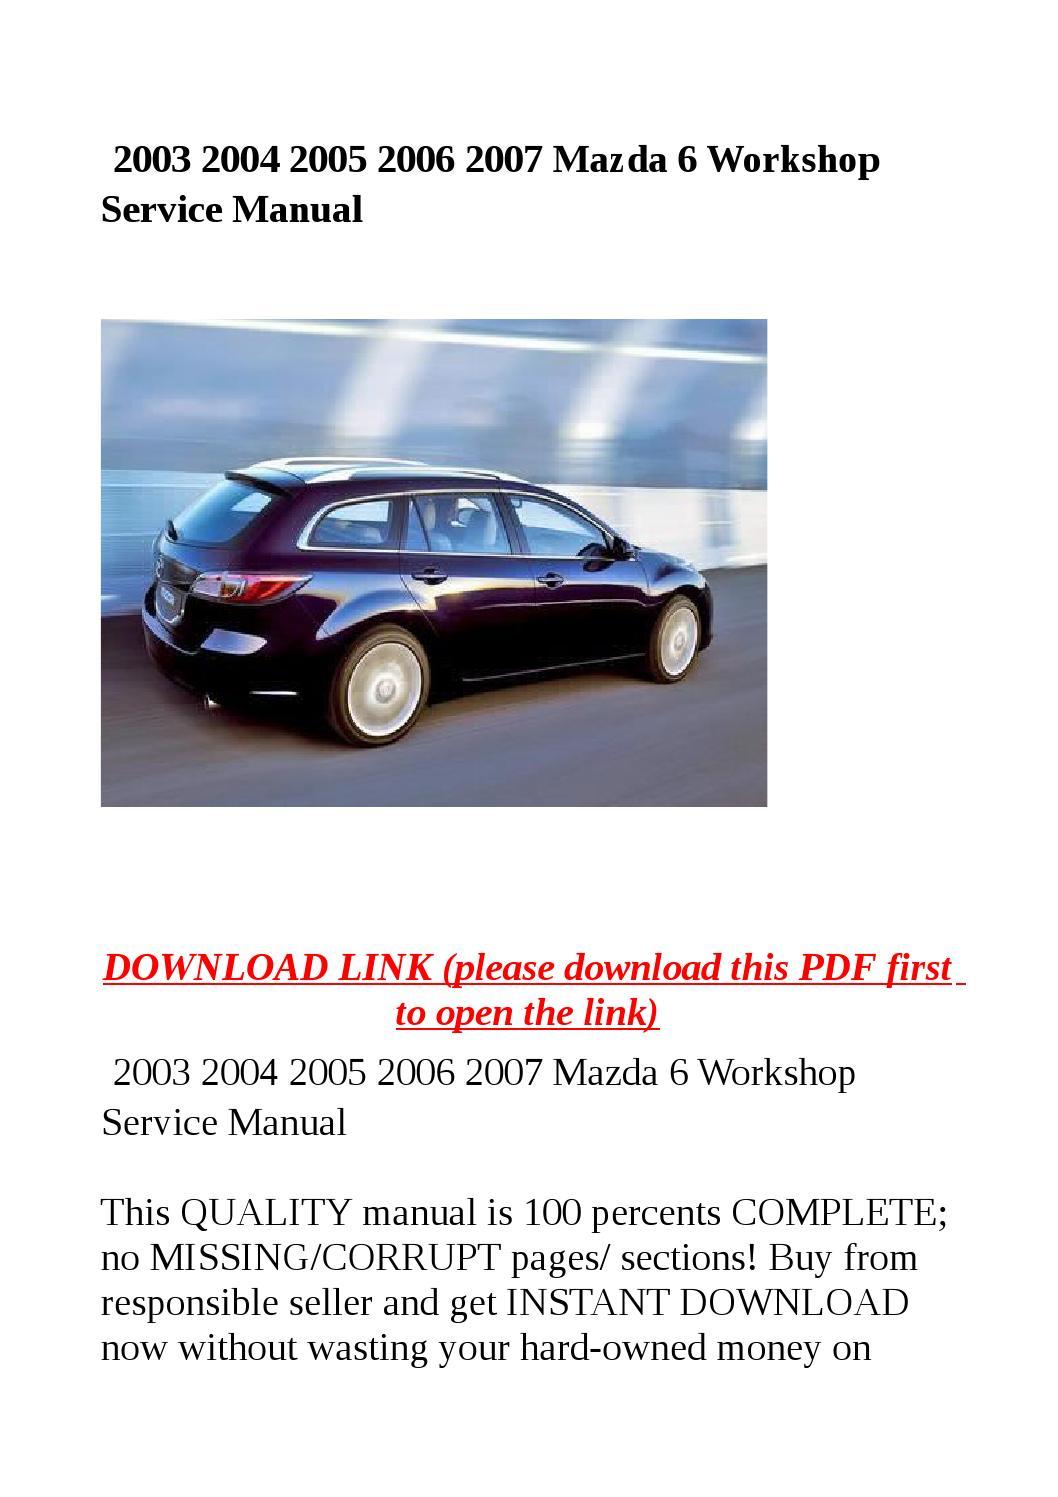 2005 mazda 6 service manual